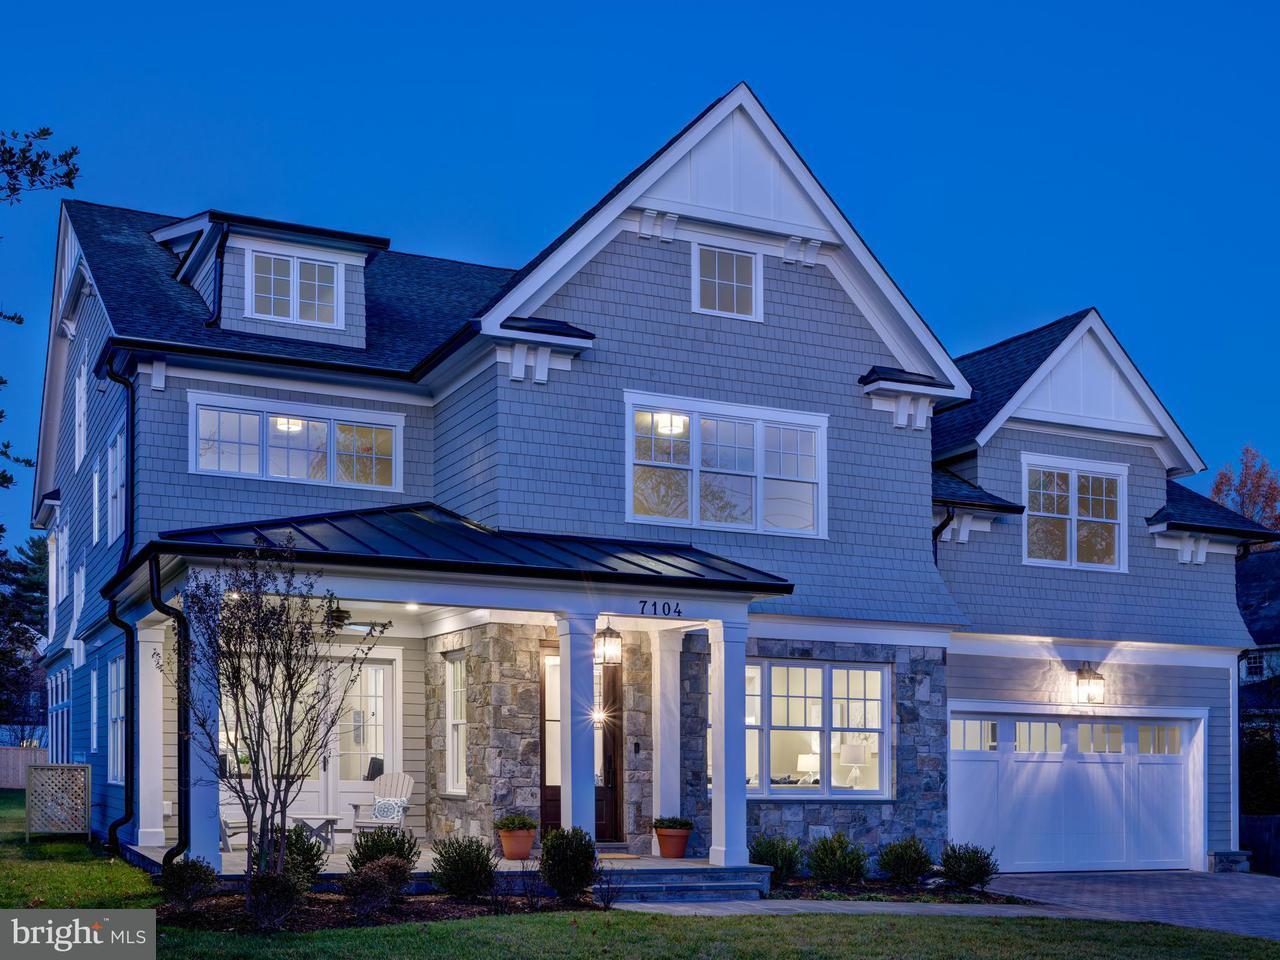 Casa Unifamiliar por un Venta en 7104 DELAWARE Street 7104 DELAWARE Street Chevy Chase, Maryland 20815 Estados Unidos